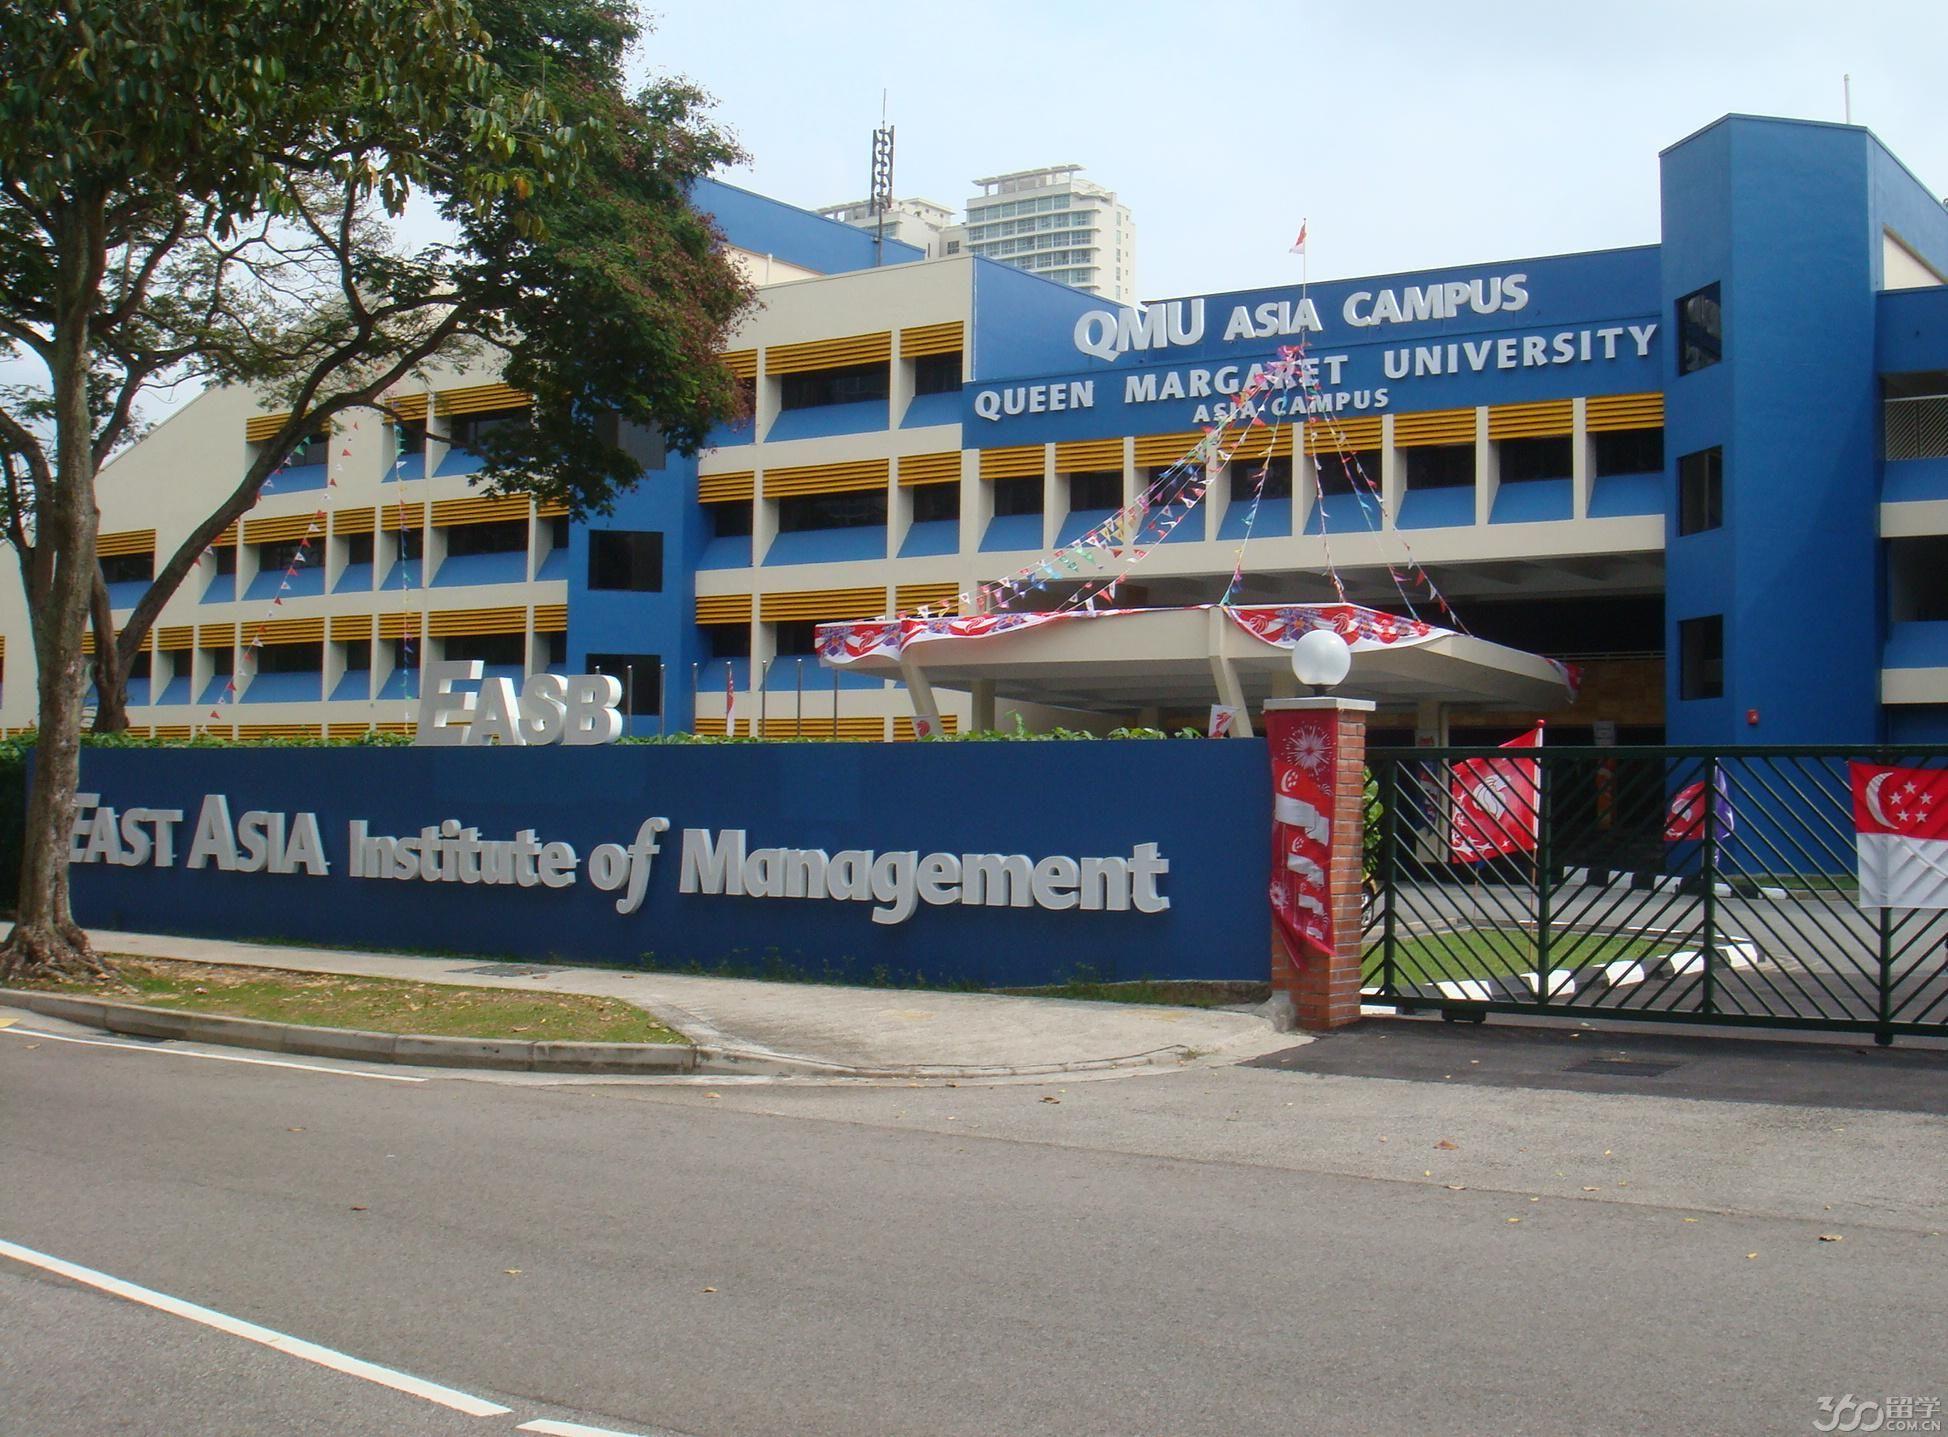 新加坡东亚管理学院人力资源管理硕士课程